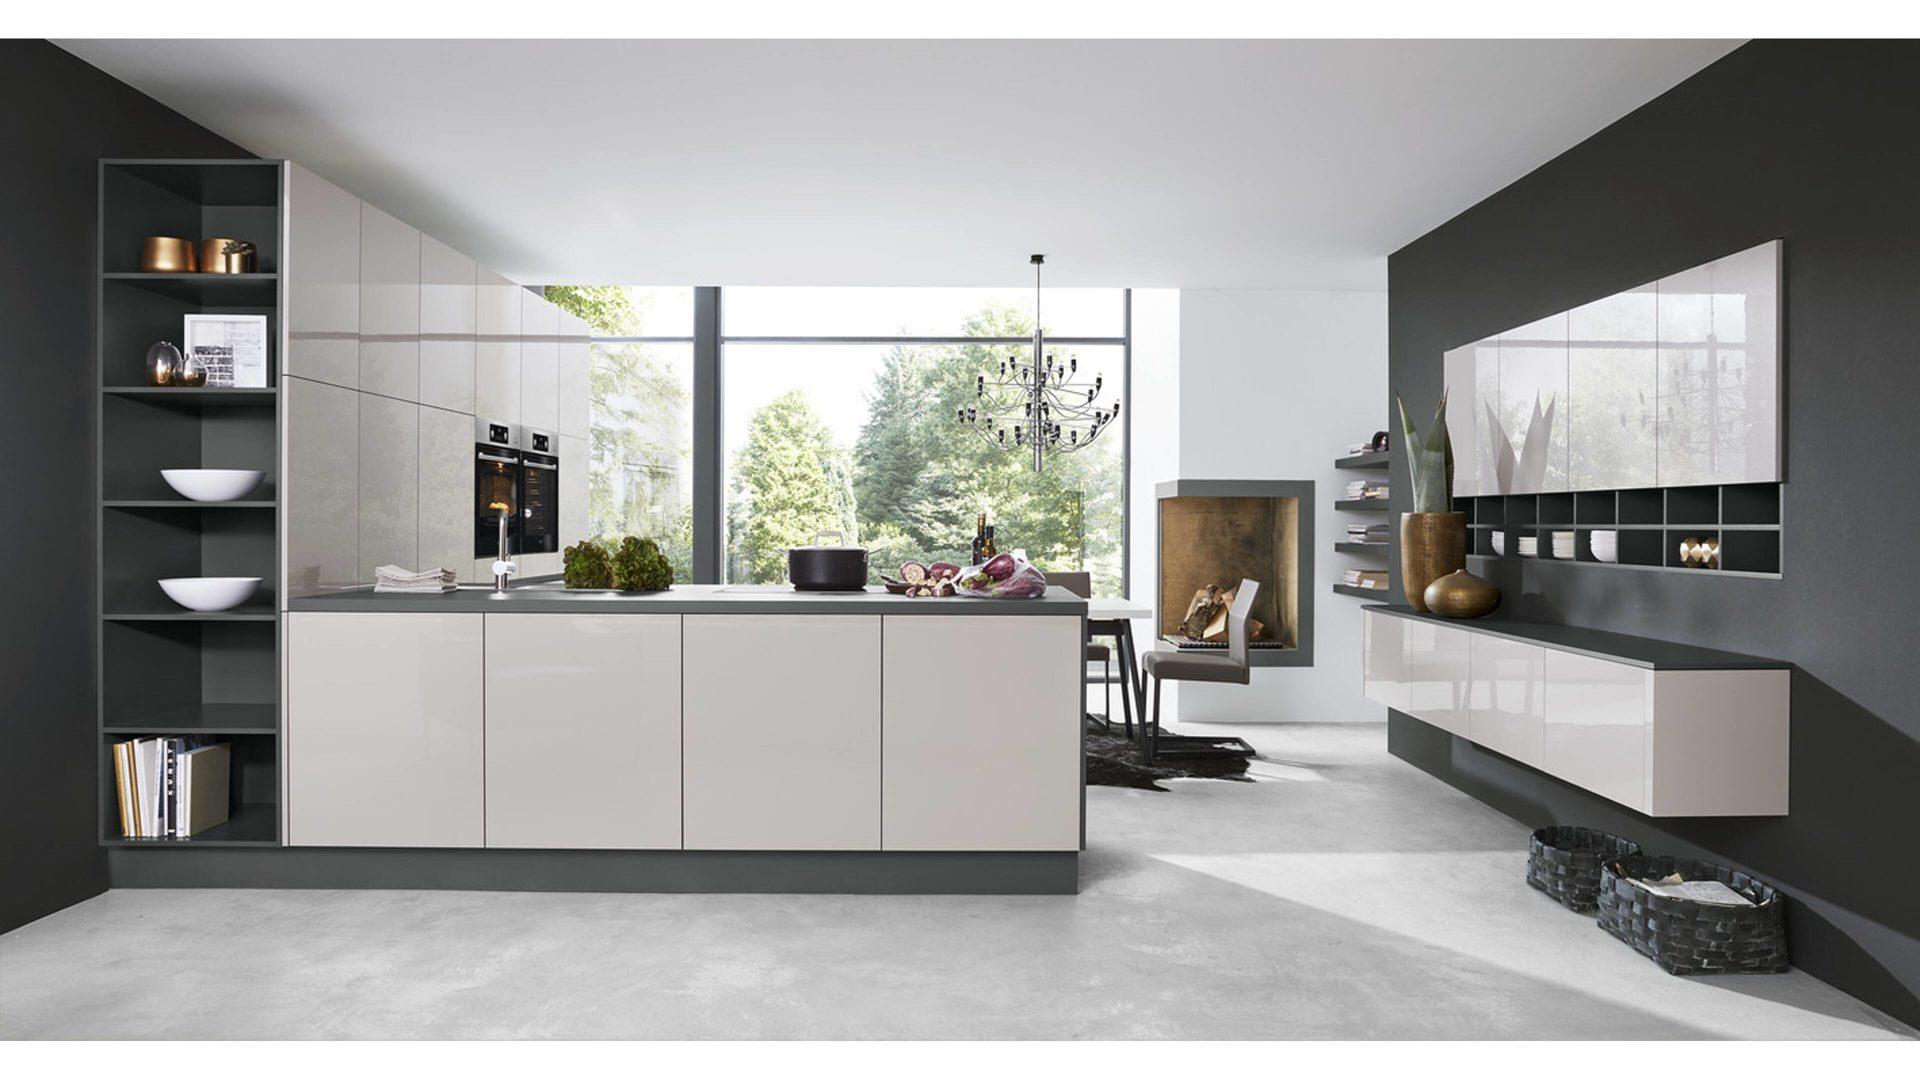 Wunderbar Küche Und Bad Design Commack Ideen - Küchen Ideen Modern ...